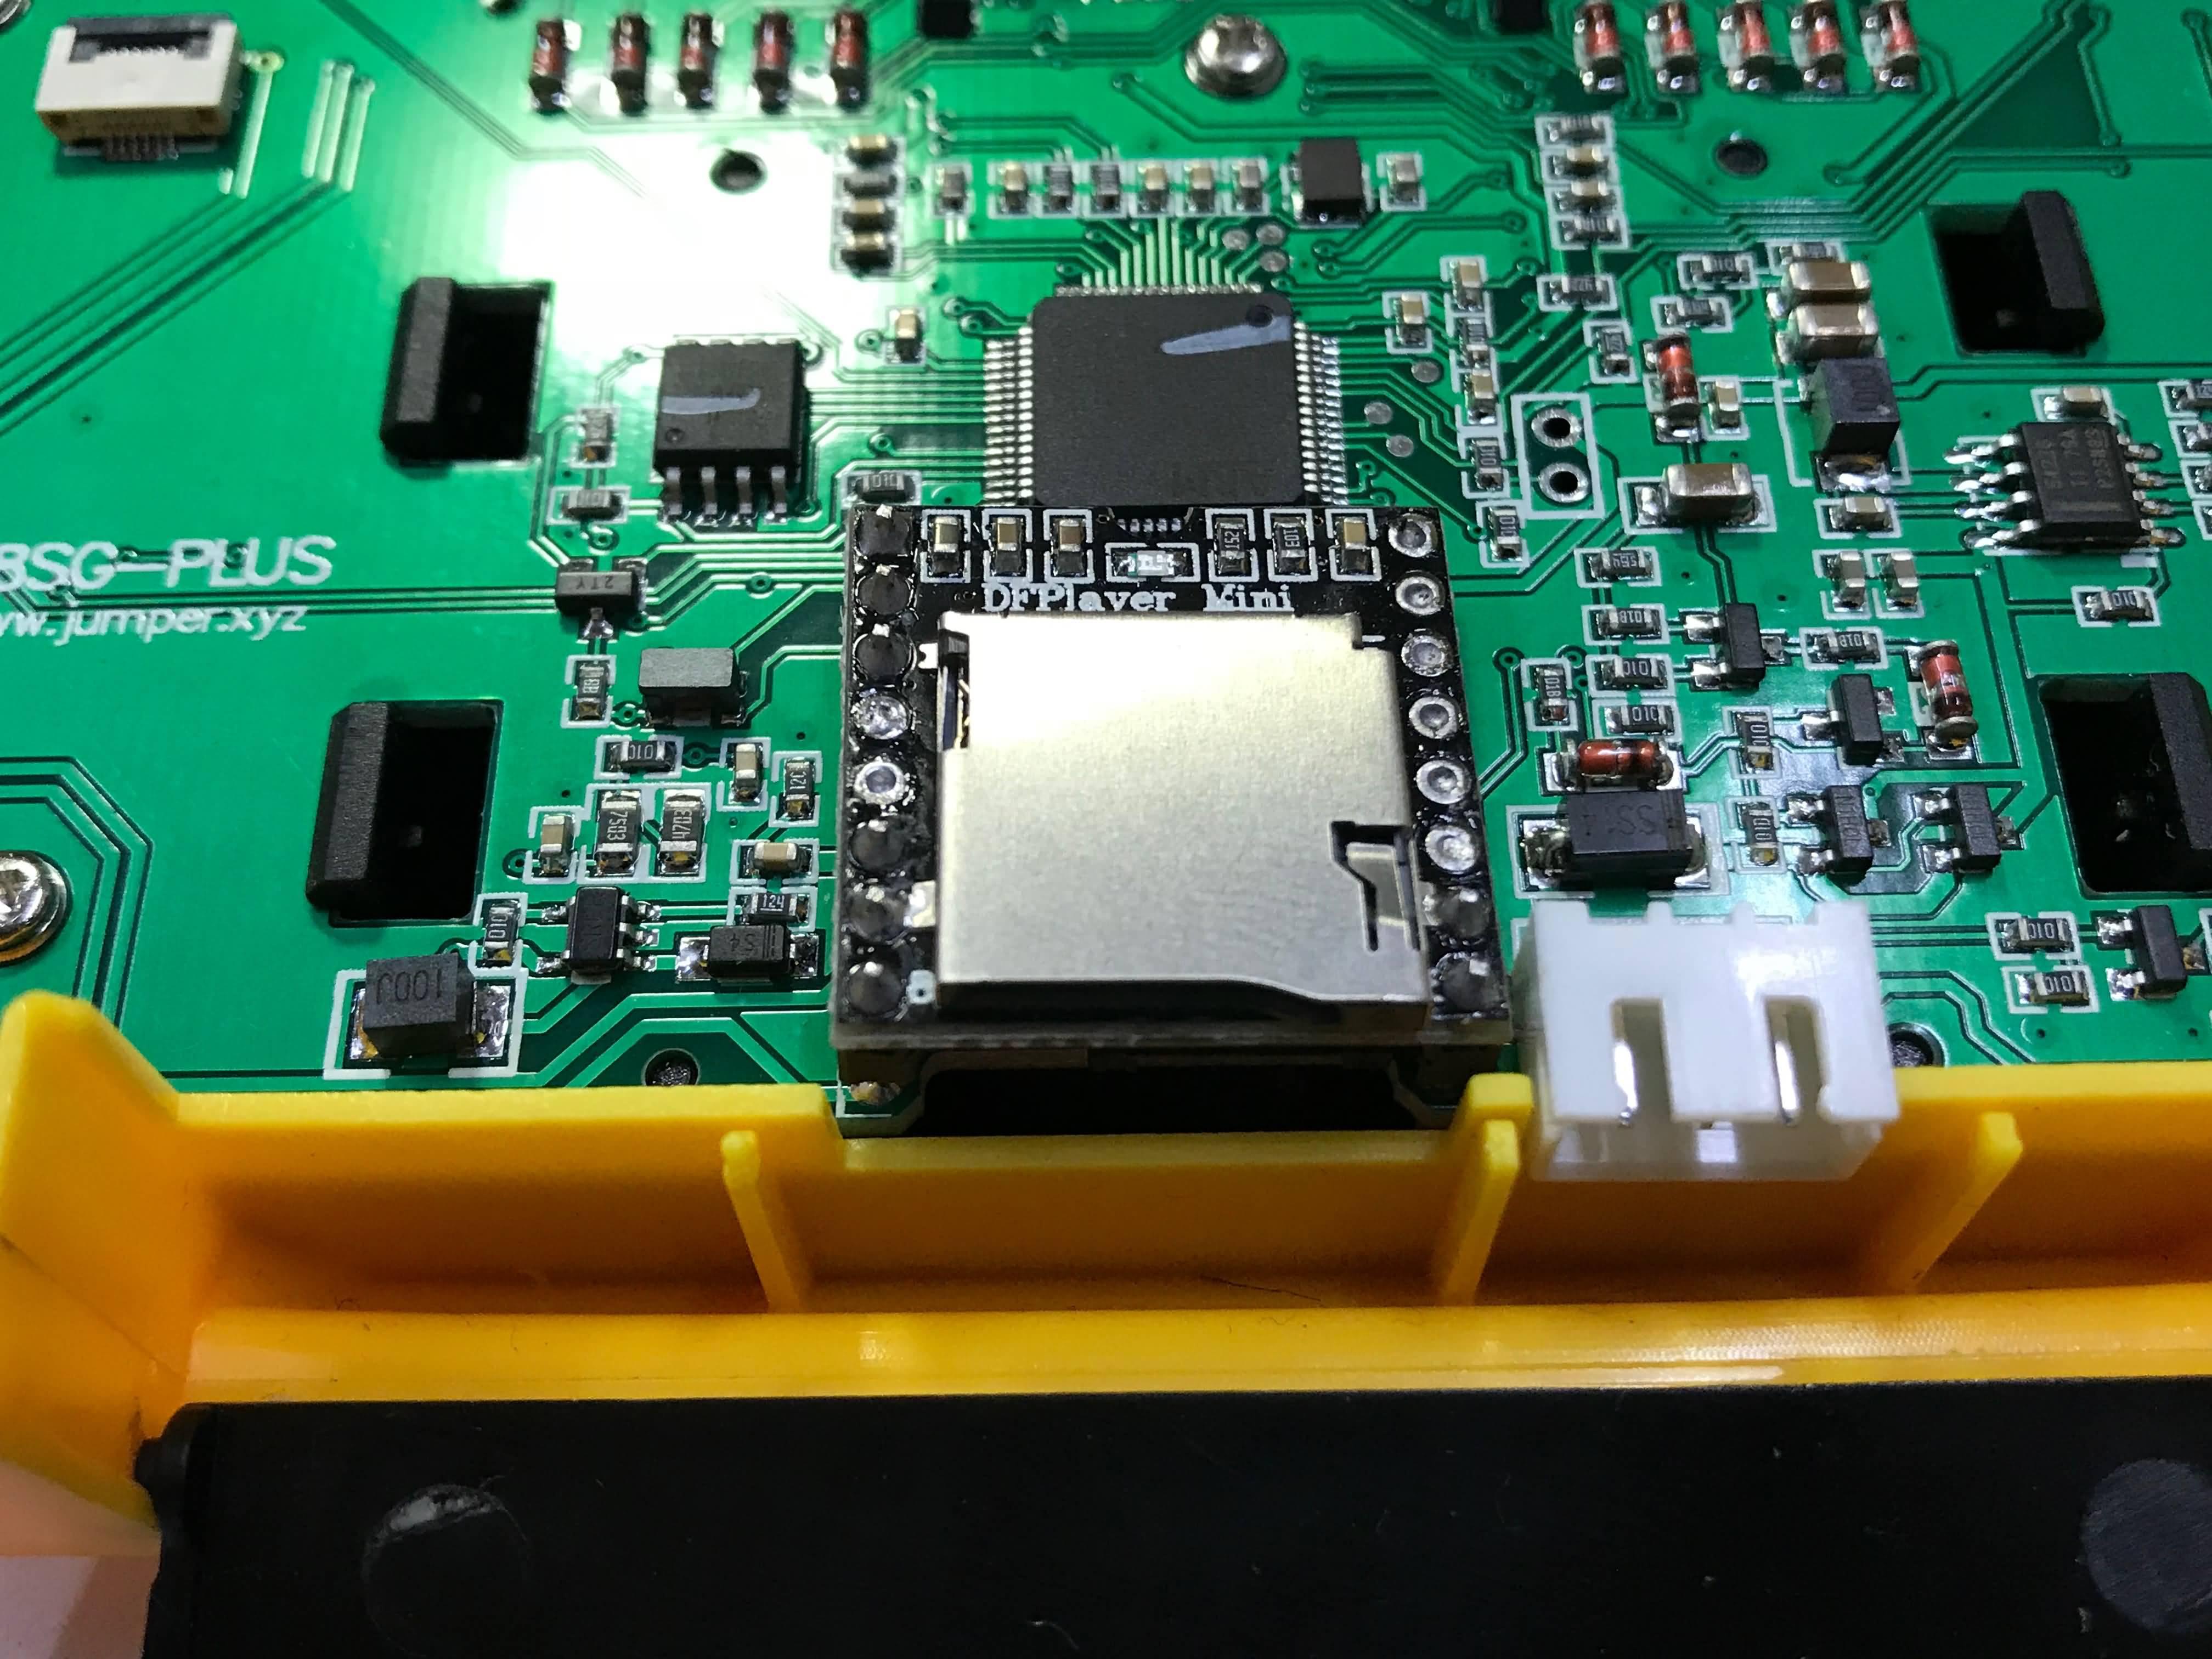 DFPlayer-min-01.JPG